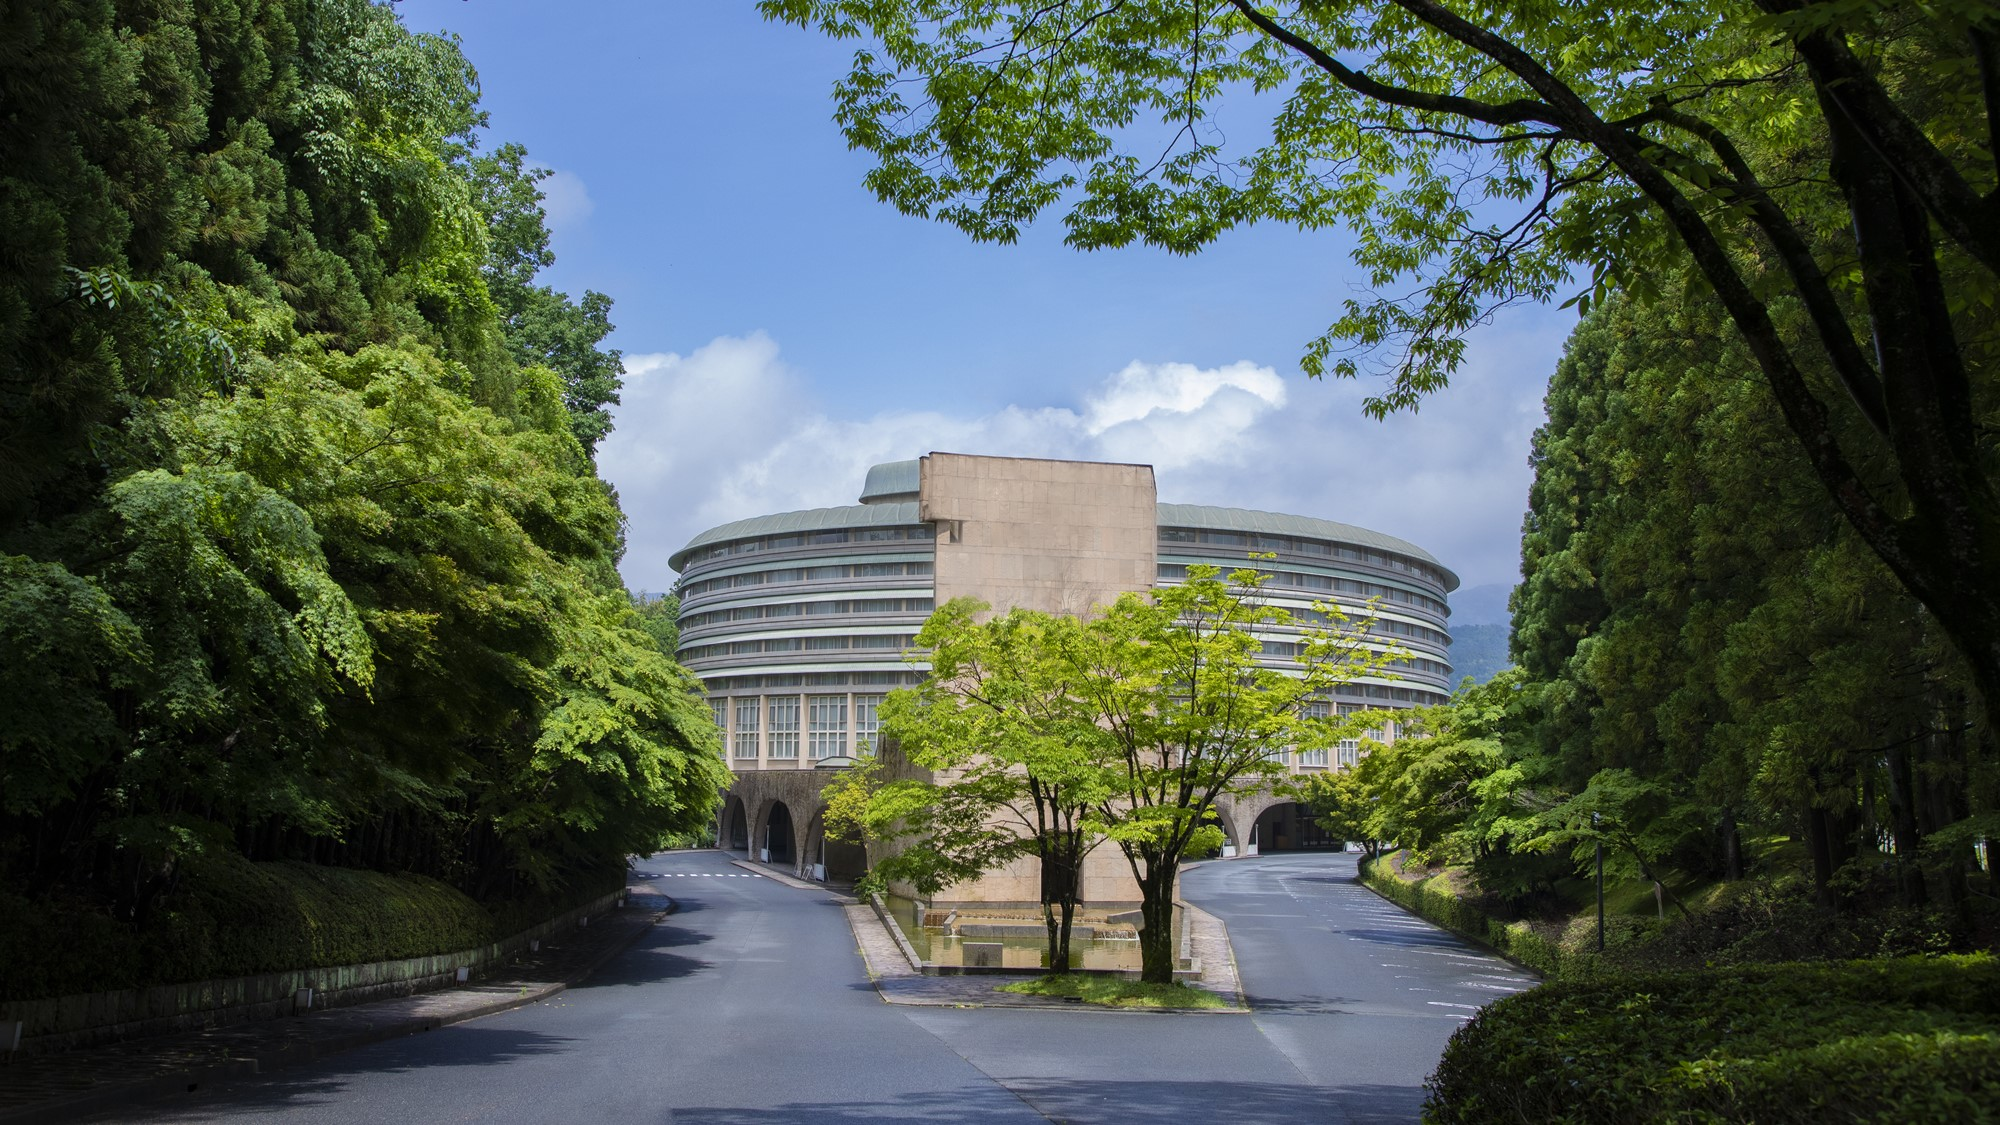 グランドプリンスホテル京都(京都宝ヶ池プリンスホテル)